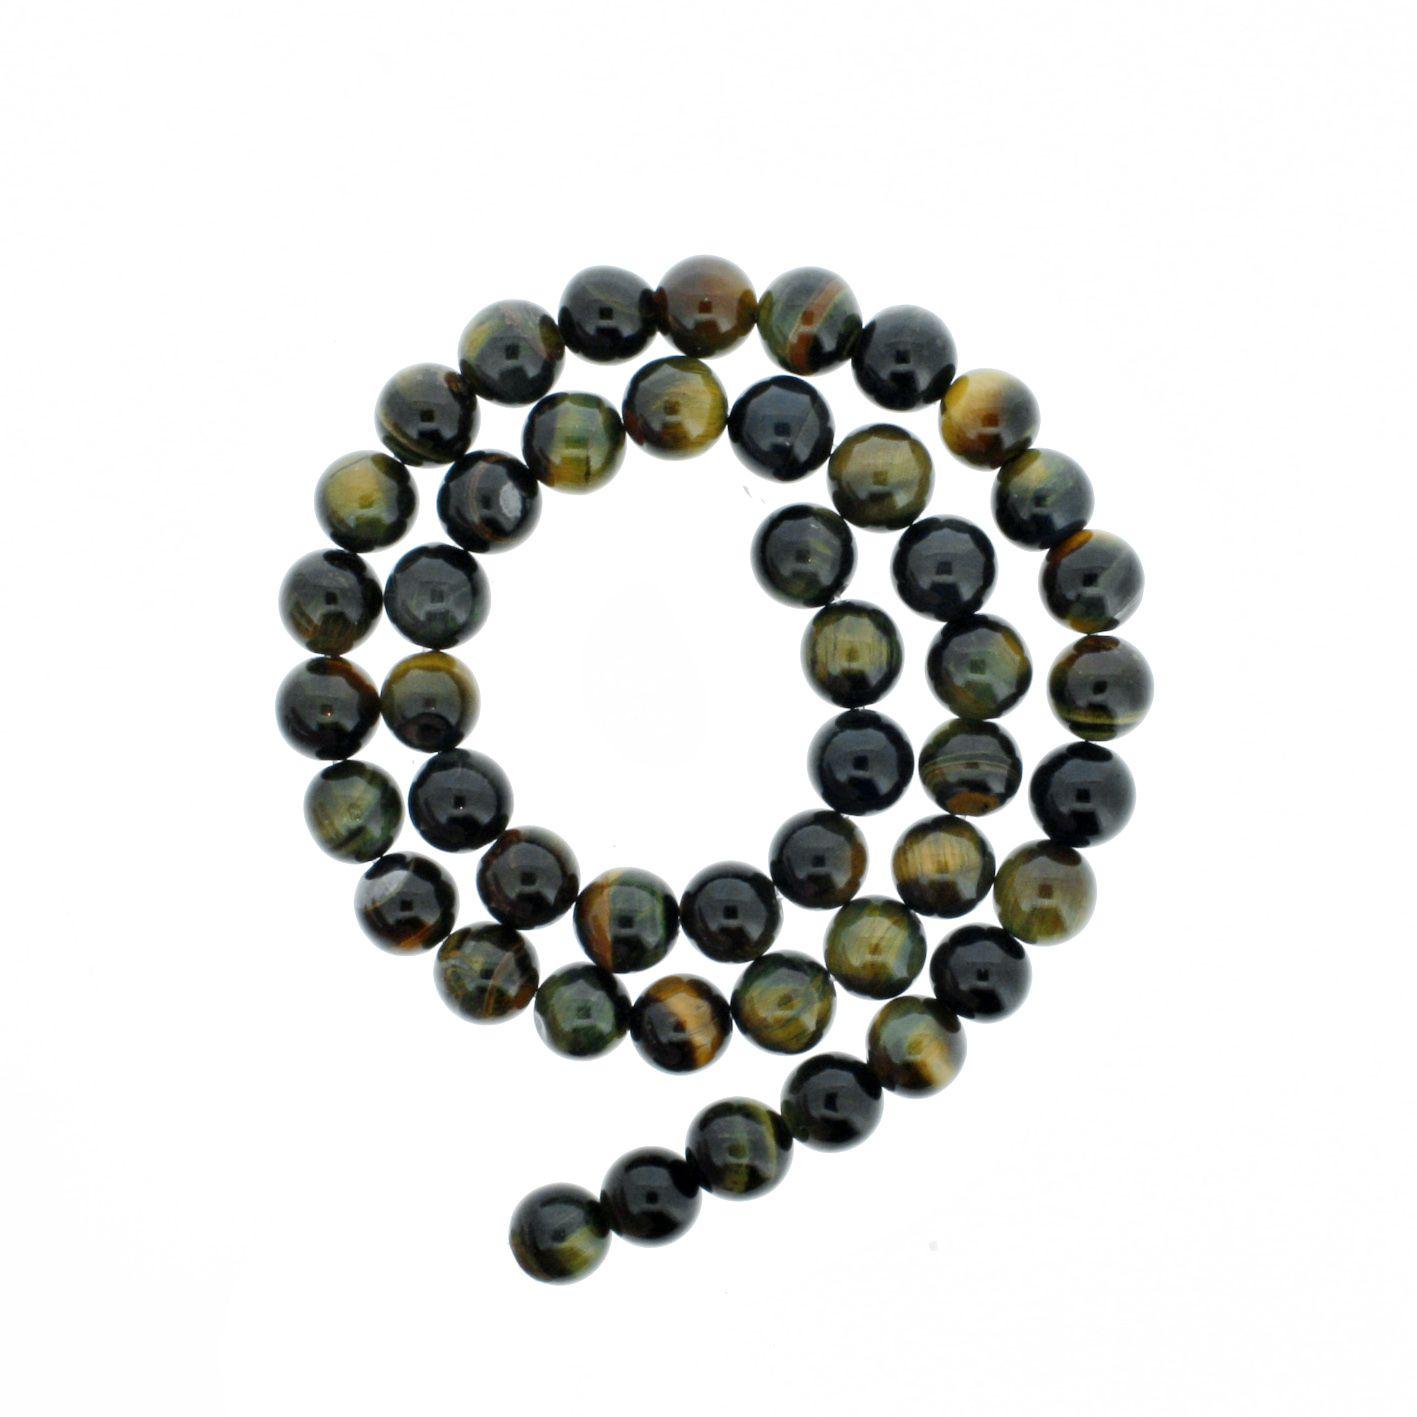 Fio de Pedra - Olho de Falcão - 8mm  - Stéphanie Bijoux® - Peças para Bijuterias e Artesanato